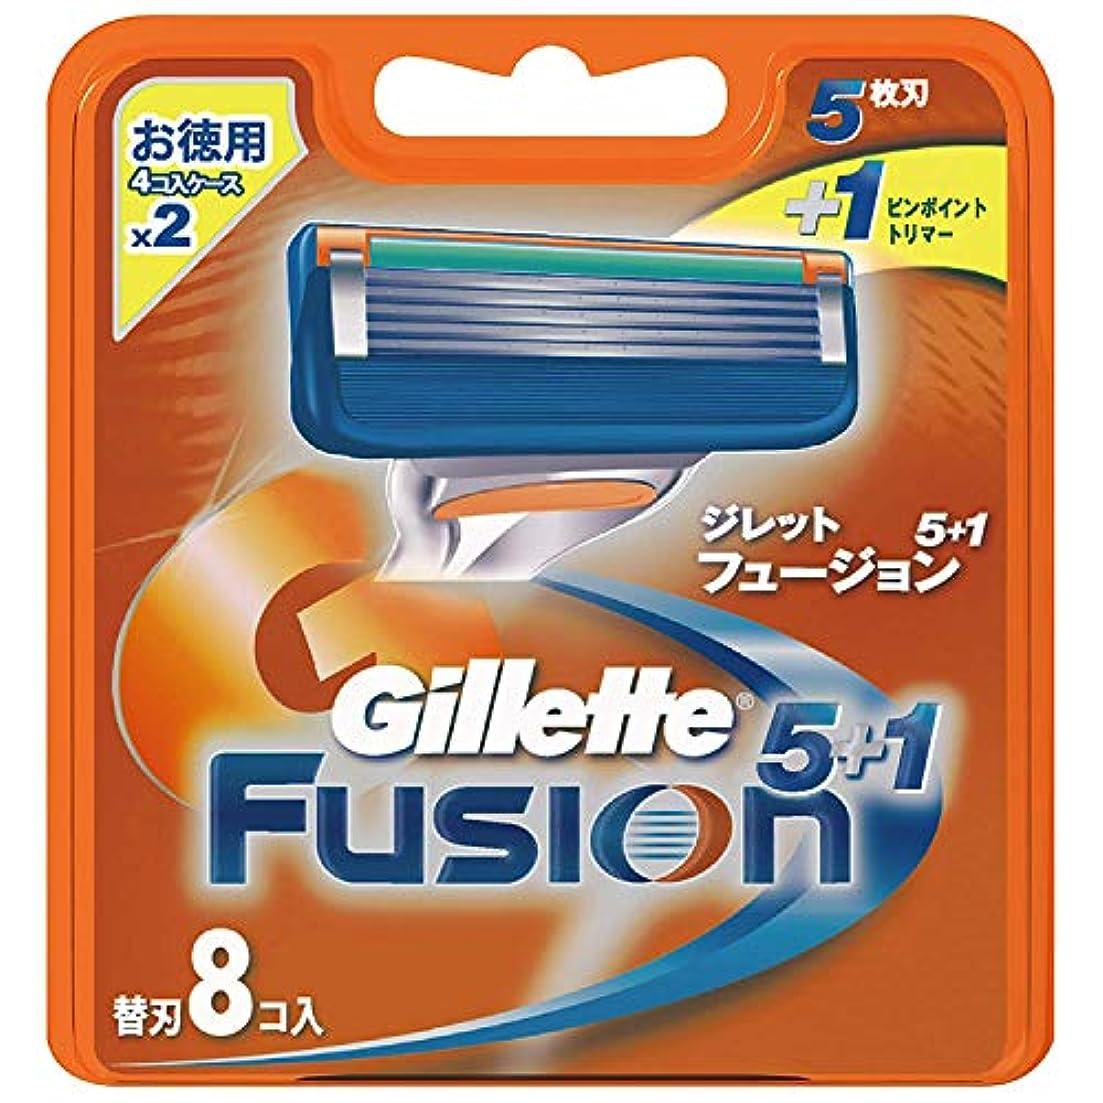 情熱ジャンクション部分的にジレット フュージョン5+1 マニュアル 髭剃り 替刃 8コ入 × 20点